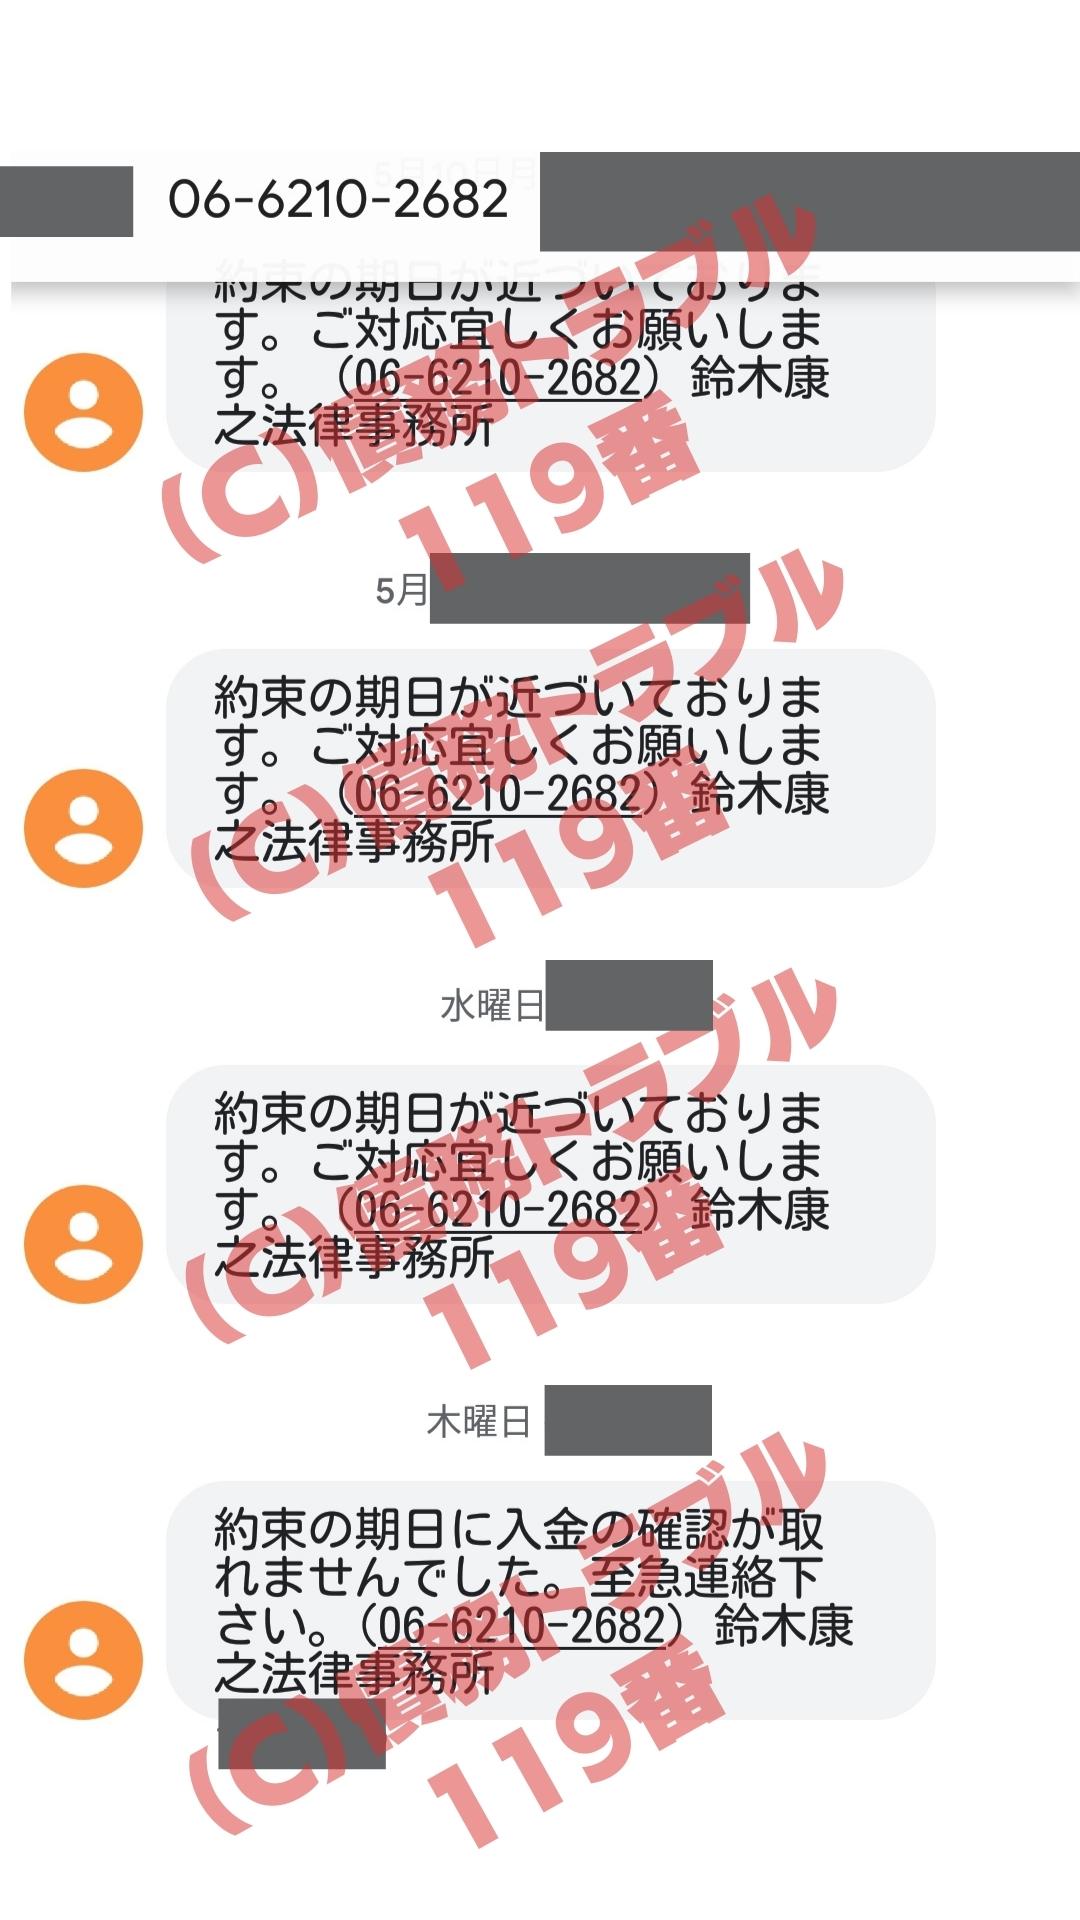 鈴木康之法律事務所からの督促メール2